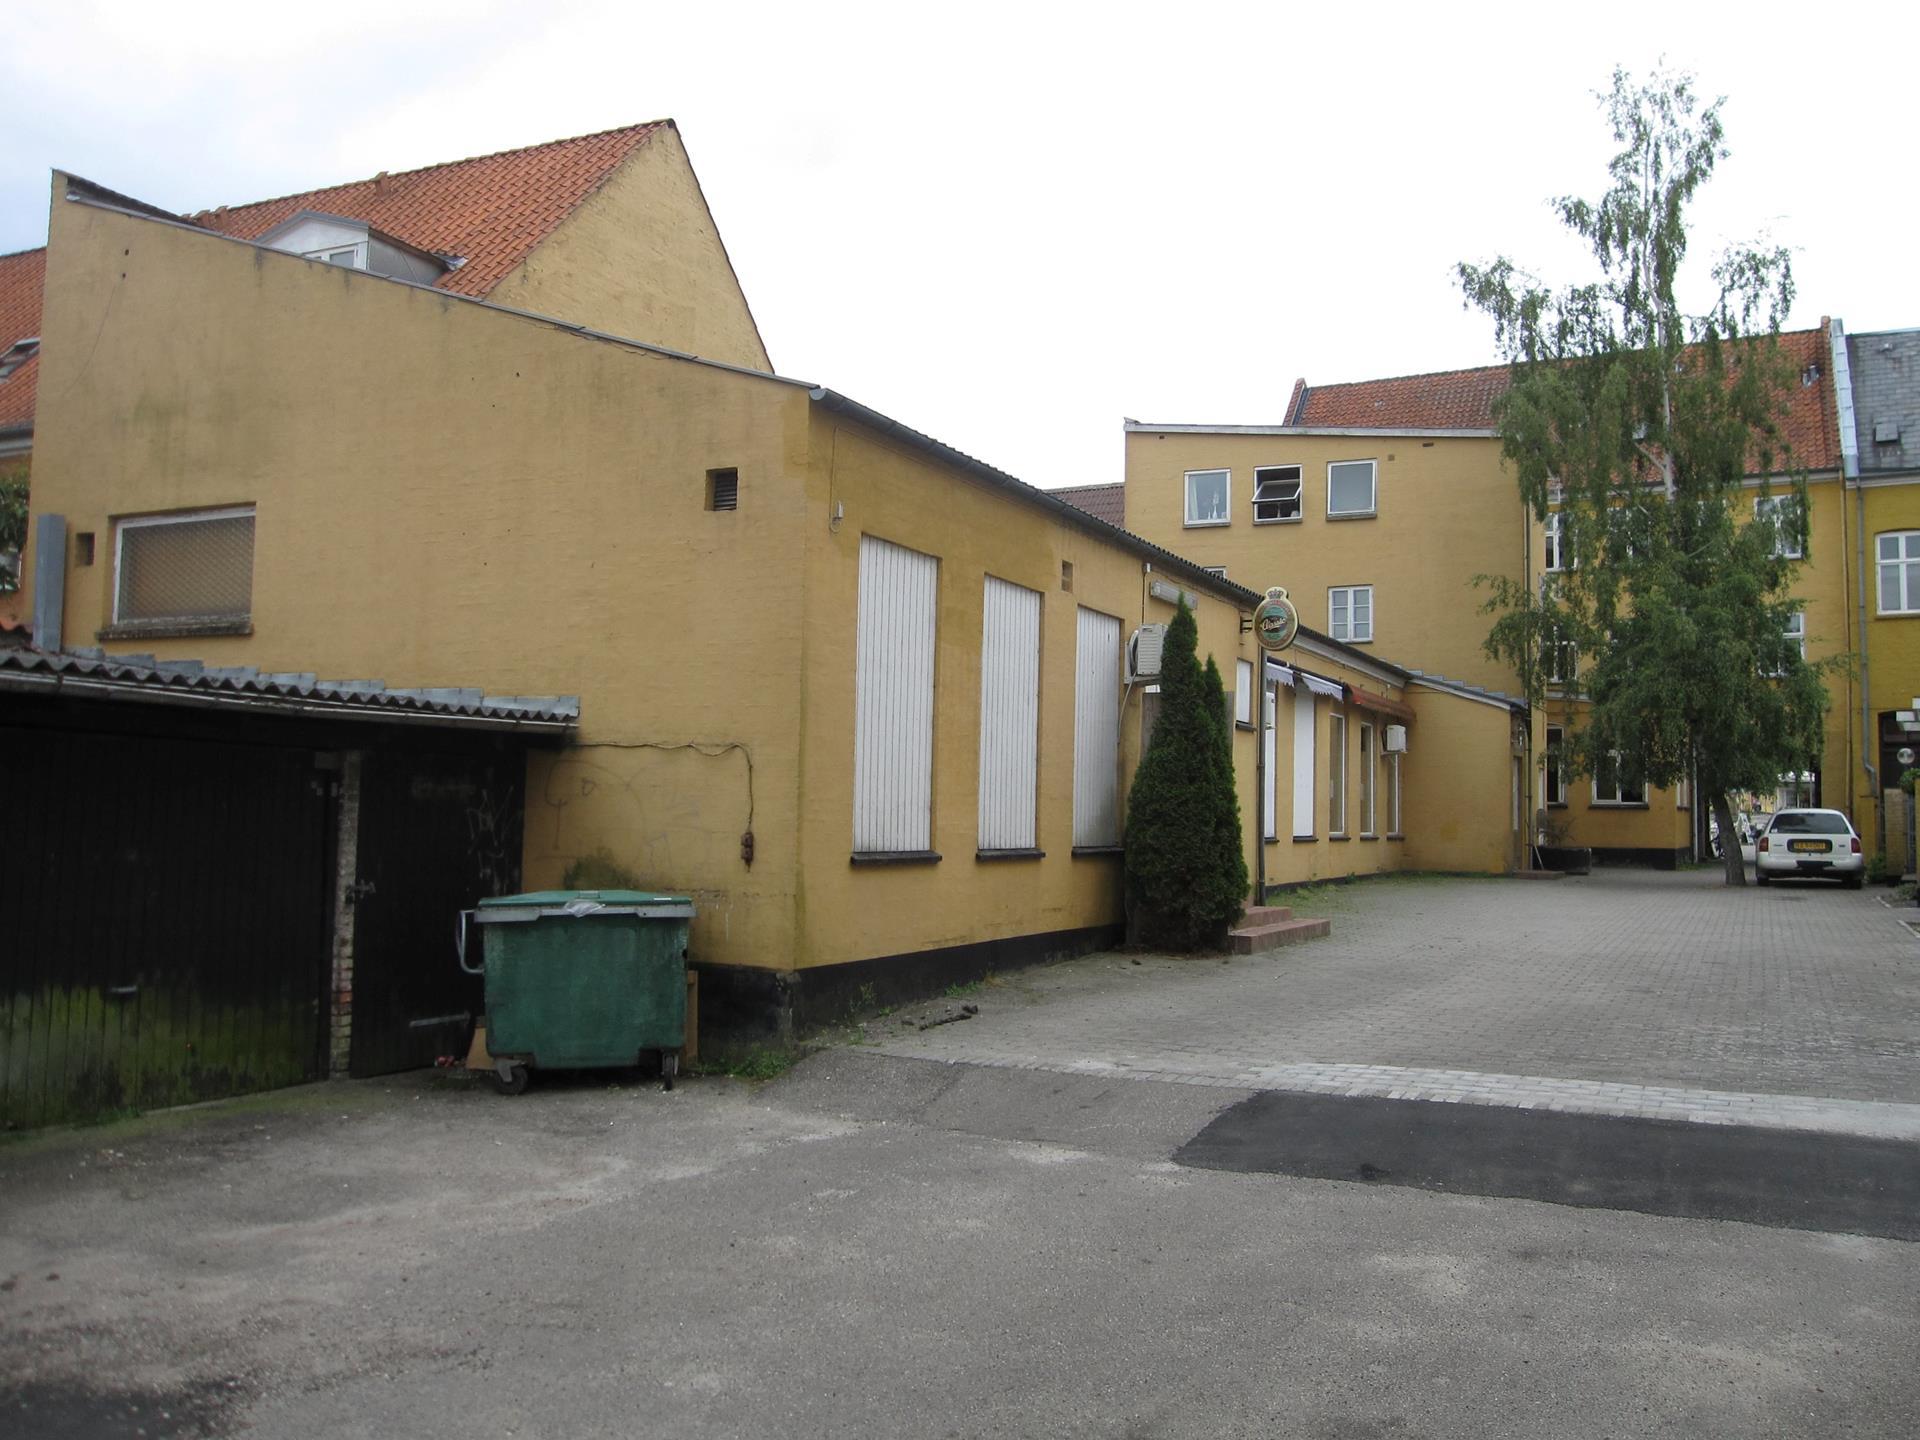 Bolig/erhverv på Storgade i Sorø - Baggård